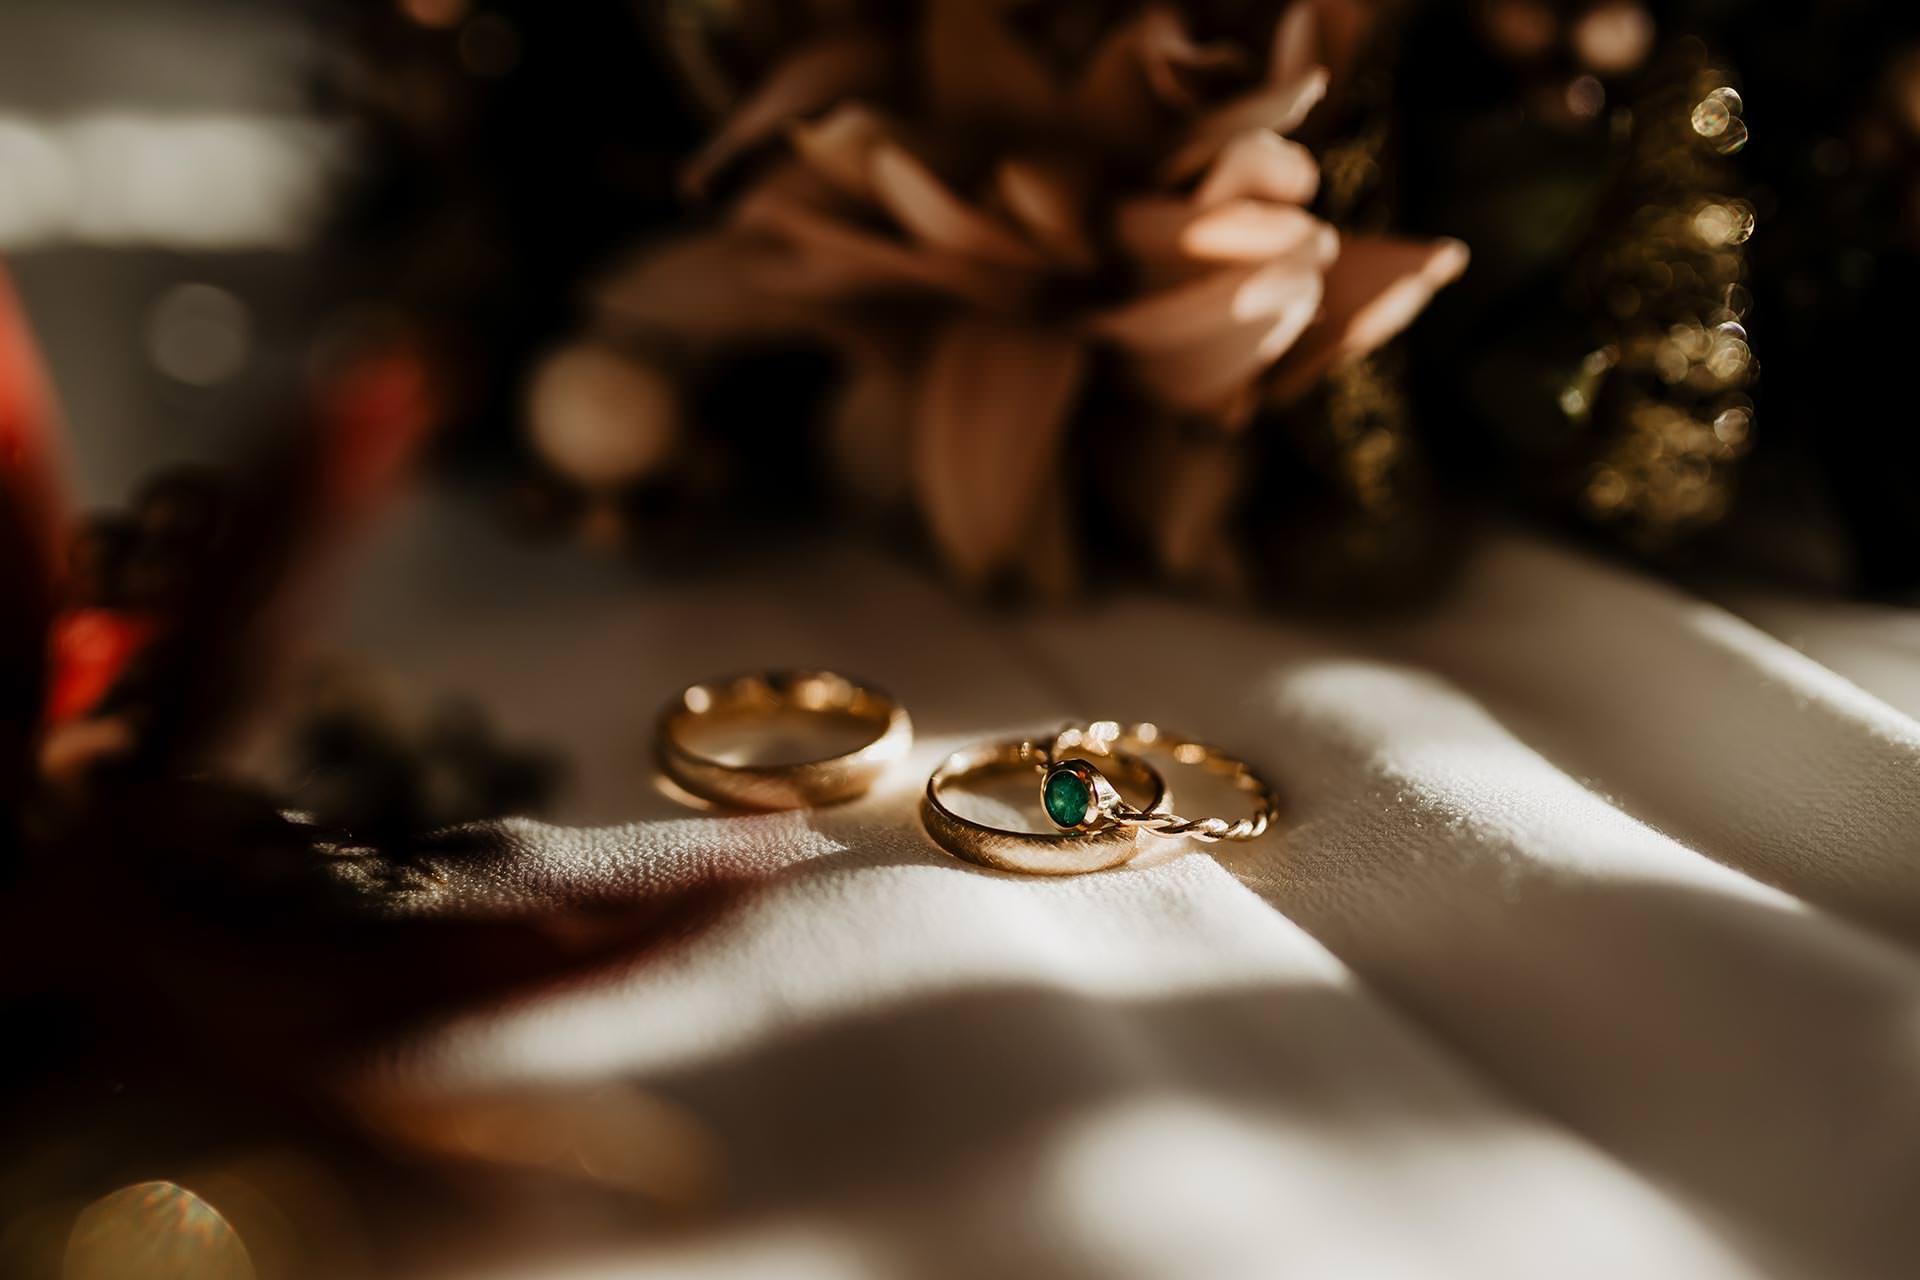 Produktplatzierung. Eheringe individuell gestalten lassen,Boltenstern Goldschmiede, marie boltenstern, Eheringe in gold, Eheringe in 14 karat gold, ansteckring, ring mit smaragd, ring mit grünem smaragd, Trauringe designen, individuelle Eheringe machen lassen, www.whoismocca.com #eheringe #trauringe #herbsthochzeit #wedding #hochzeit